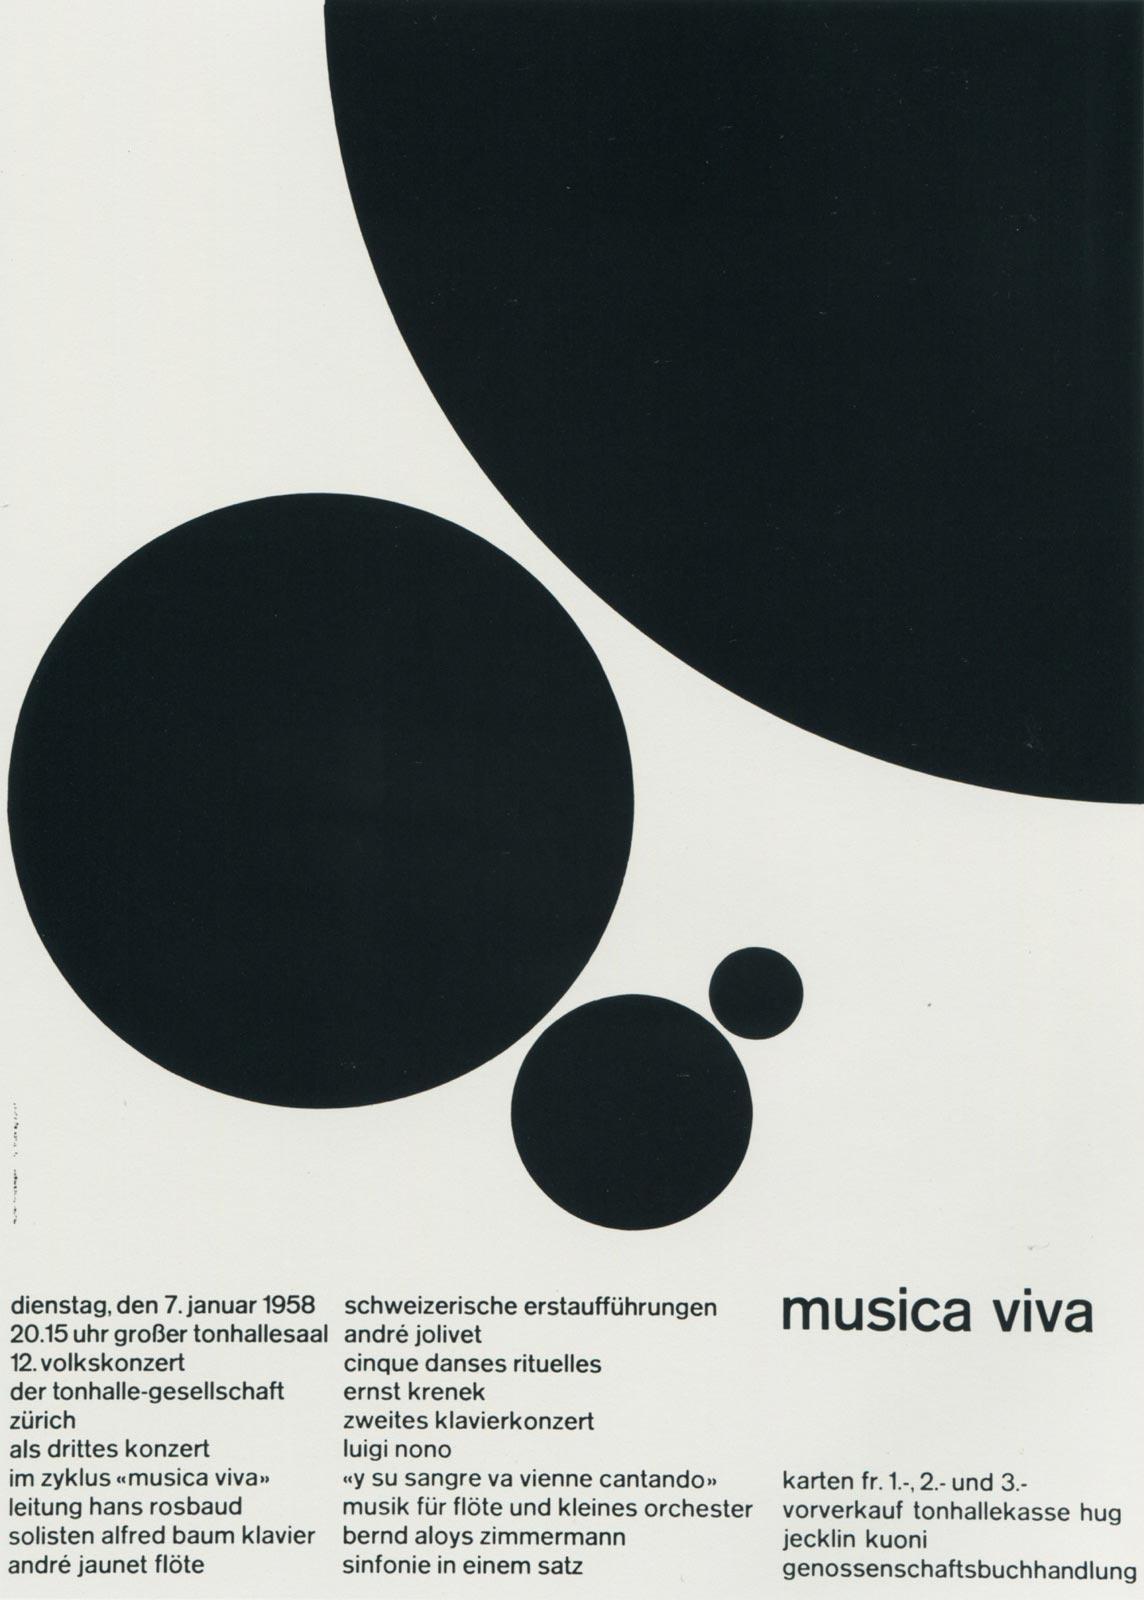 3. Zurich Tonhalle. musica viva. Concert poster, 1958